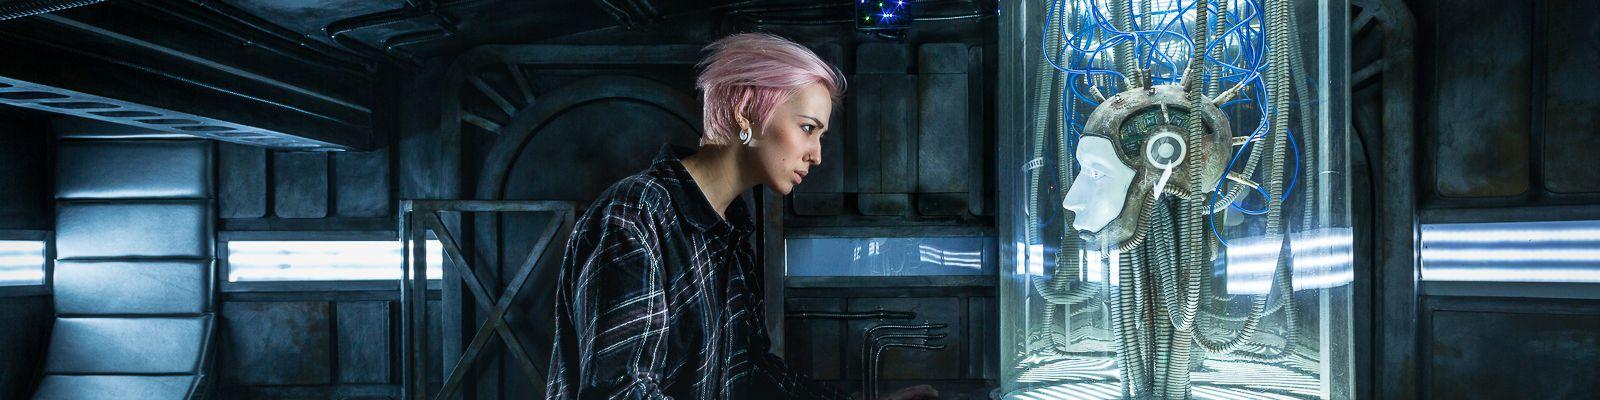 escape game toulon science fiction.jpg